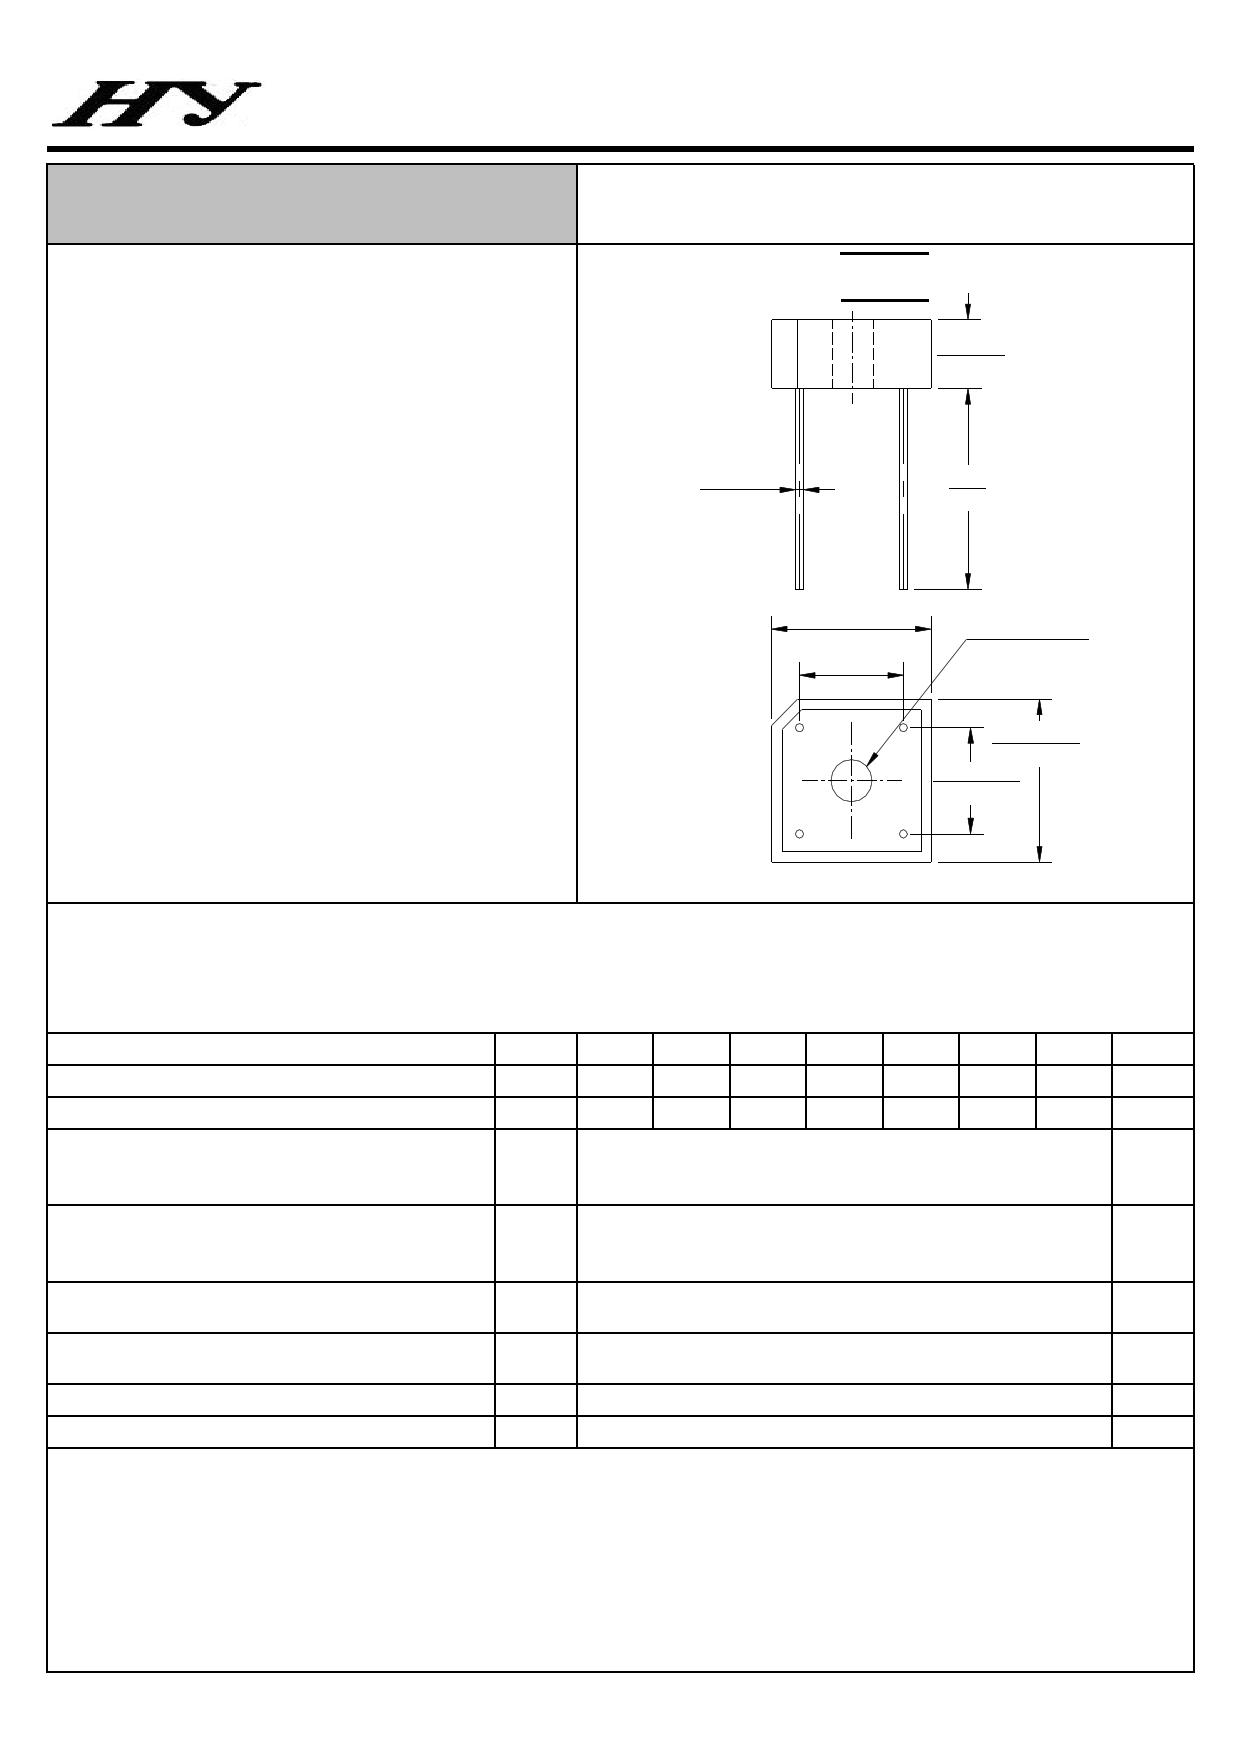 BR3005 Datasheet, BR3005 PDF,ピン配置, 機能